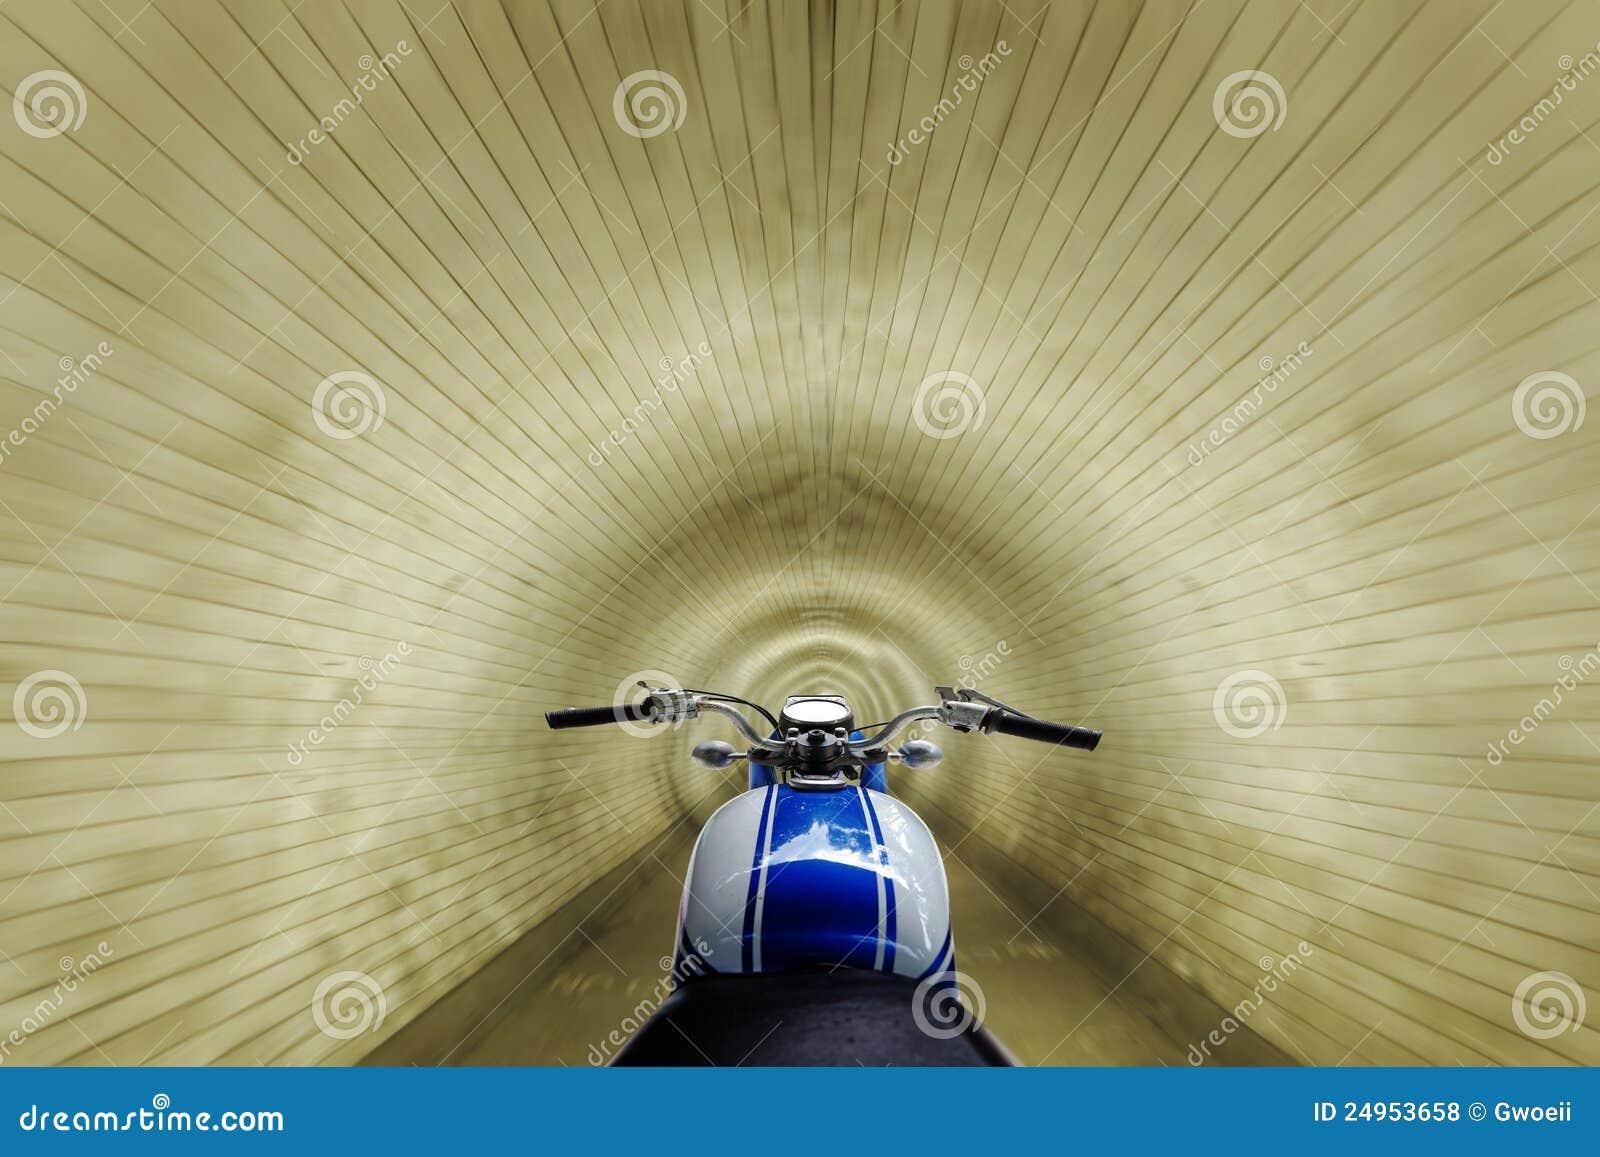 участвовать в гонке тоннель